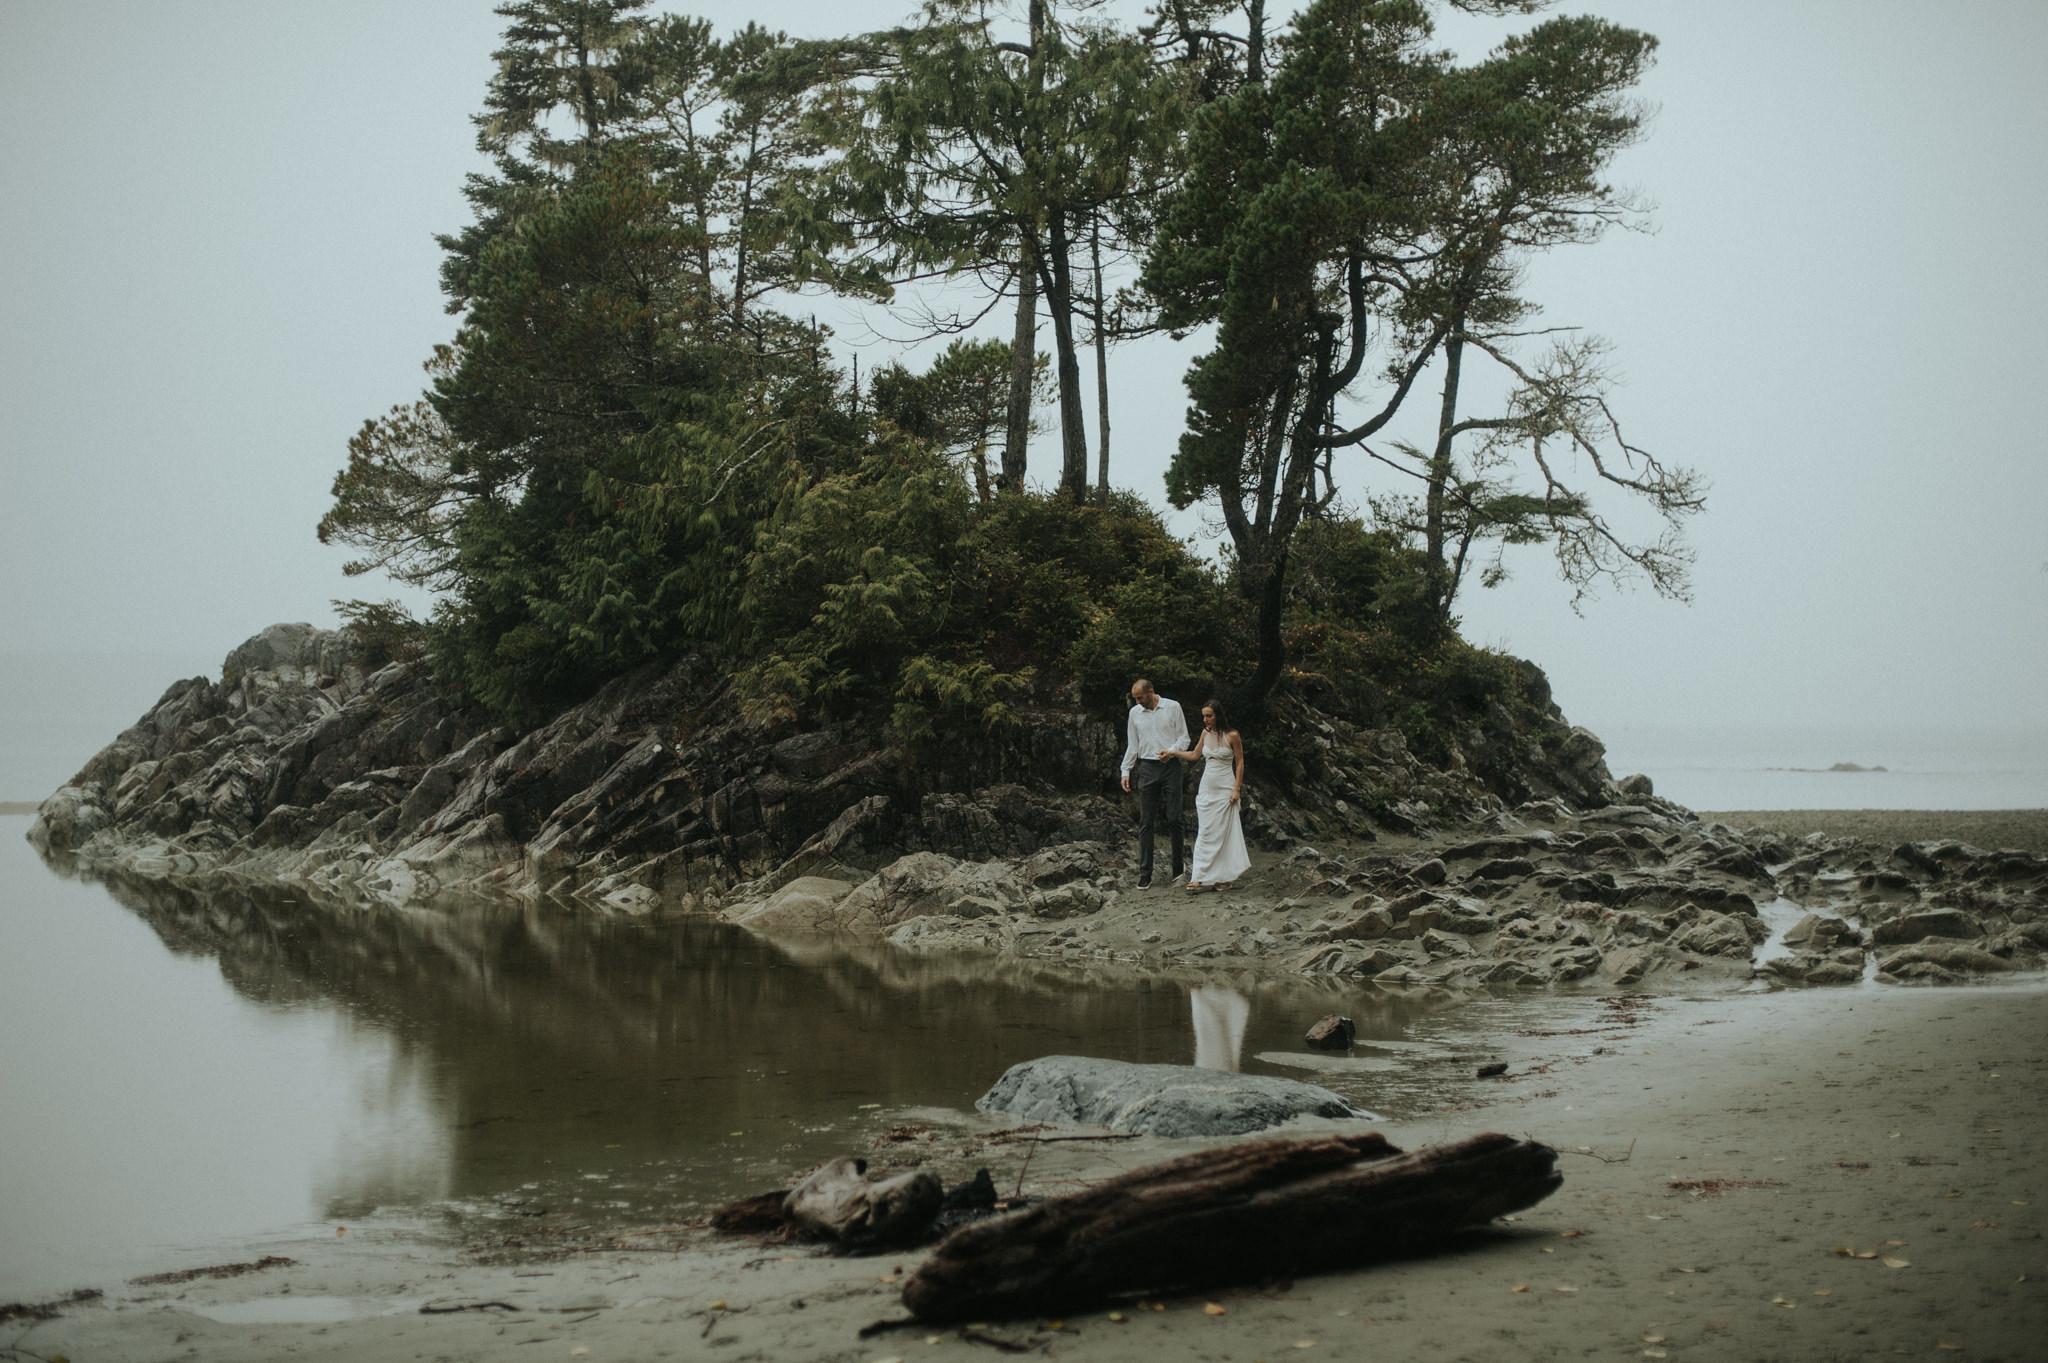 Intimate Tonquin Beach Day-Before Portraits in Tofino // Daring Wanderer: www.daringwanderer.com